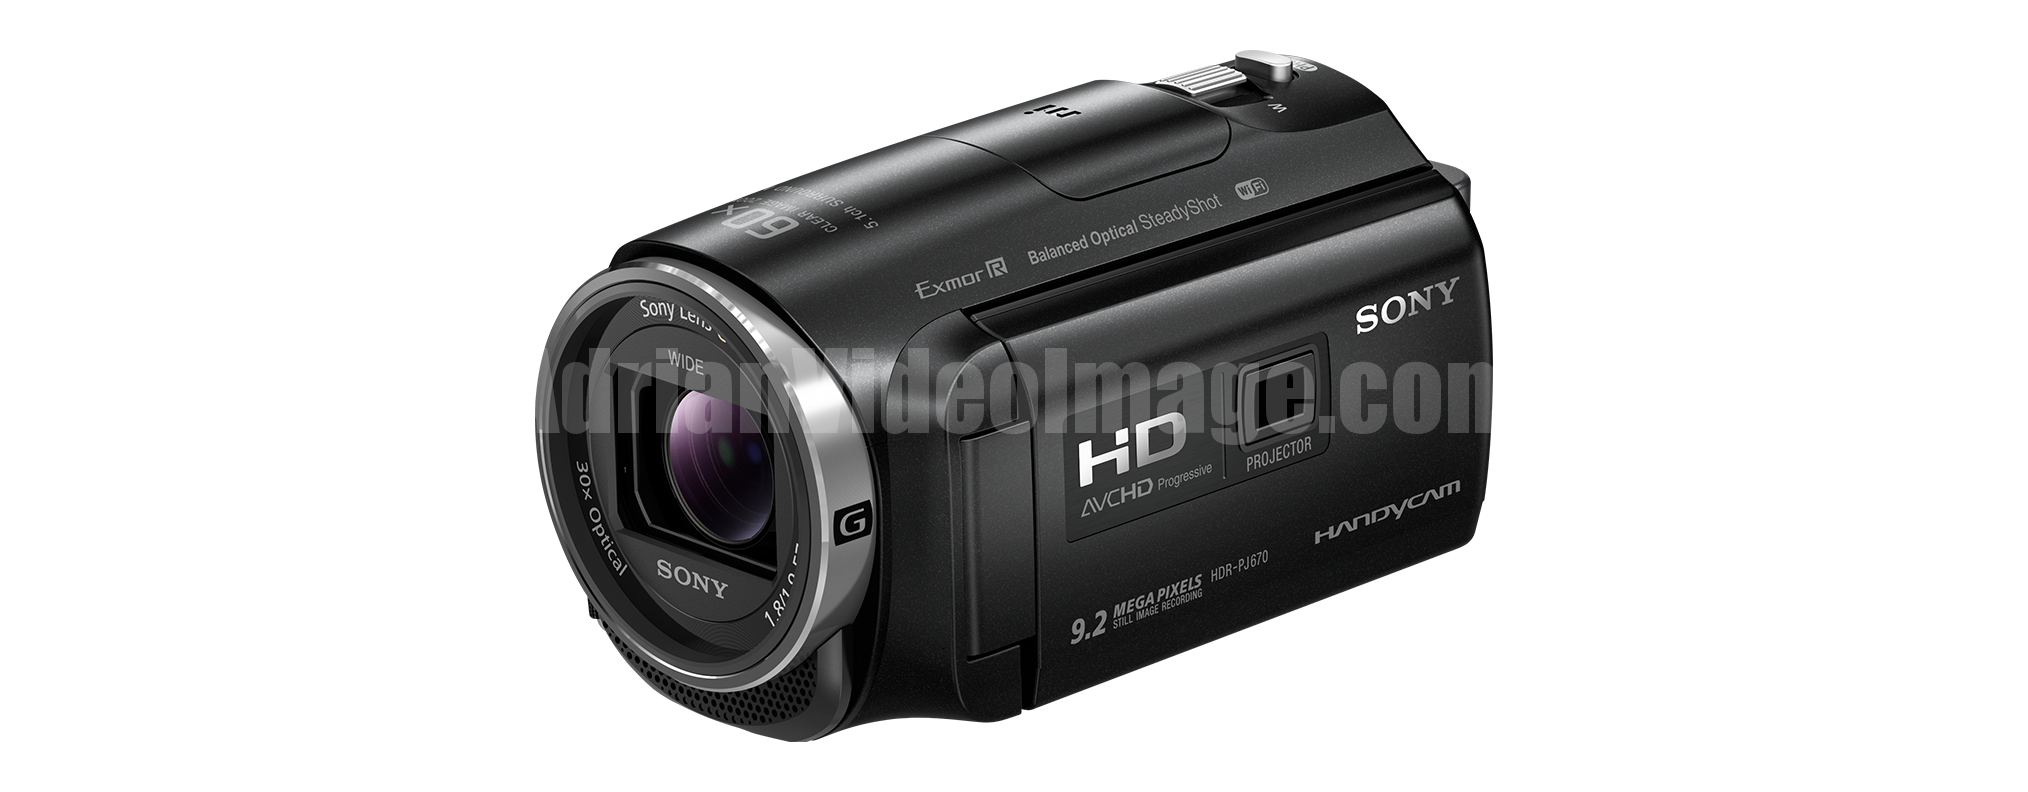 HDR-PJ670 - S$1299